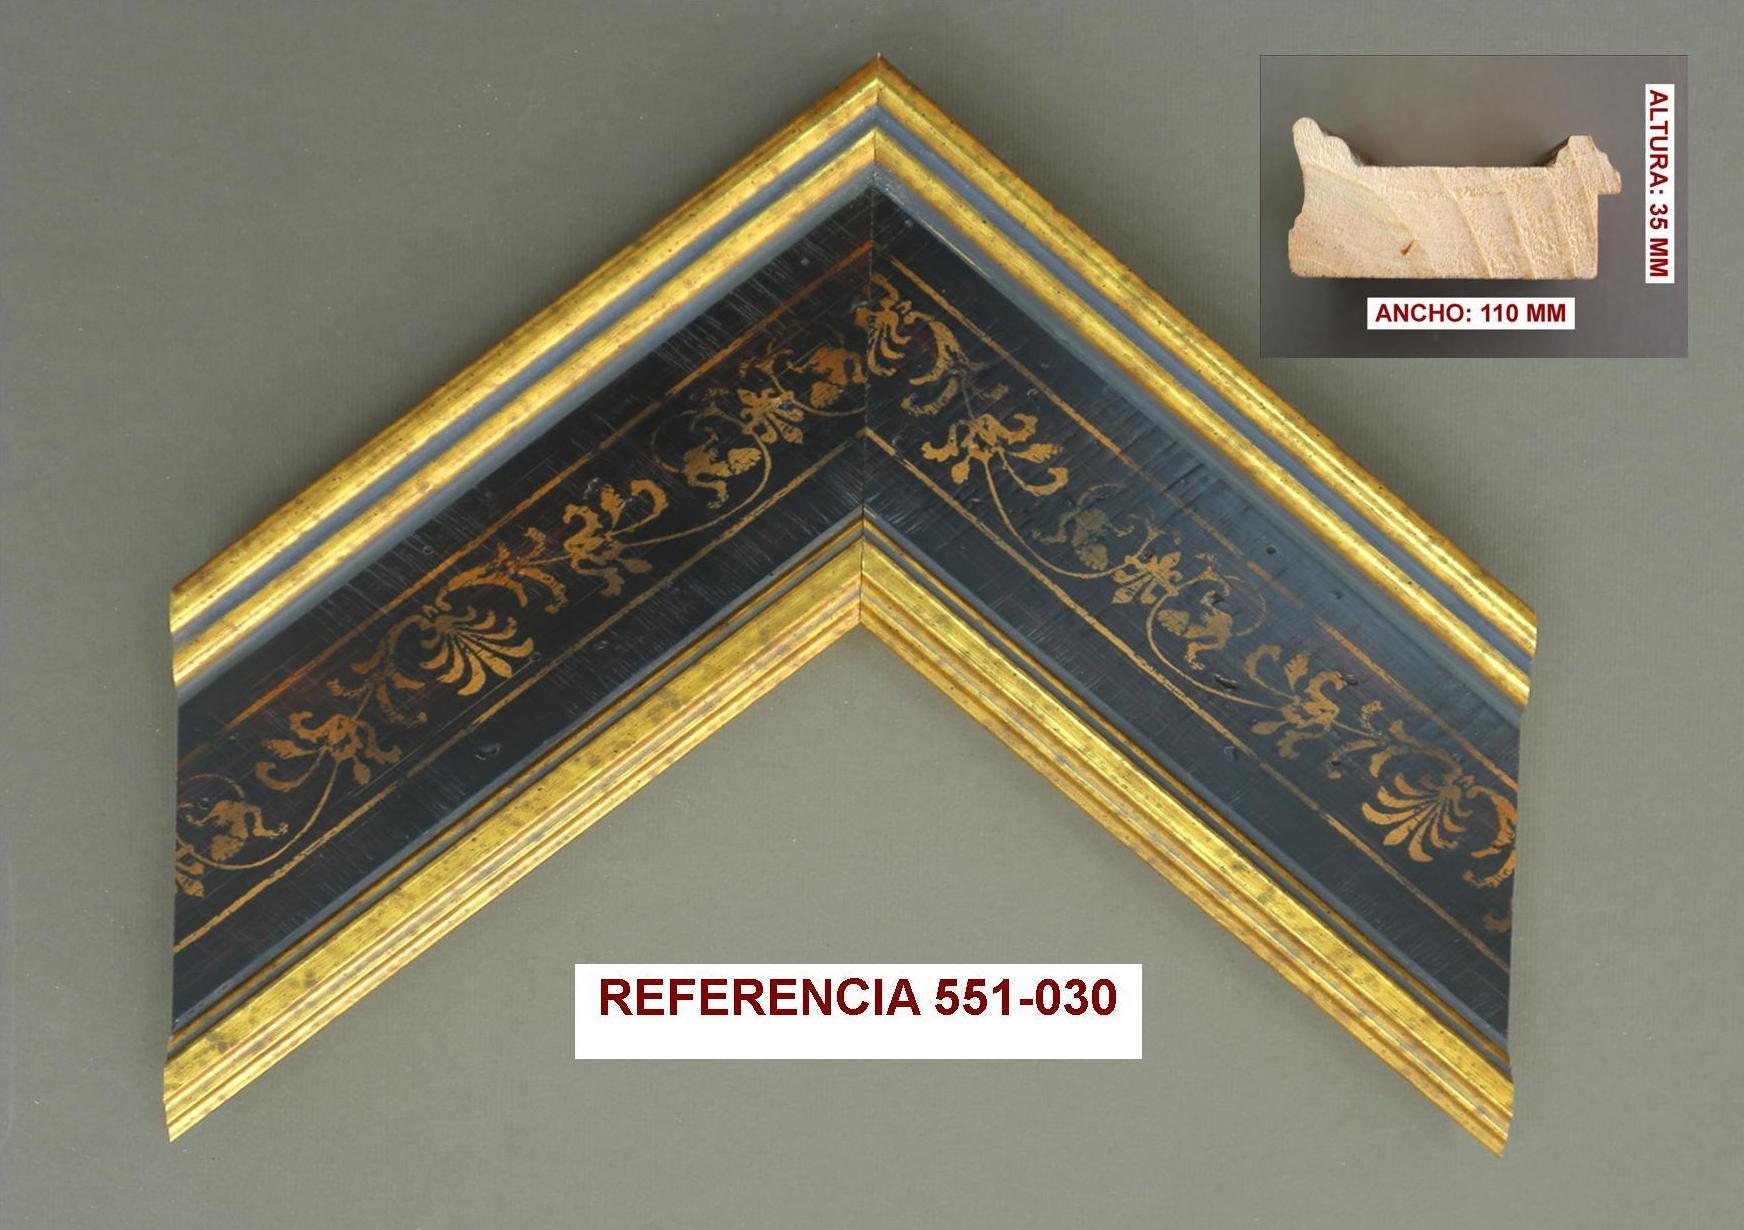 REF 551-030: Muestrario de Moldusevilla